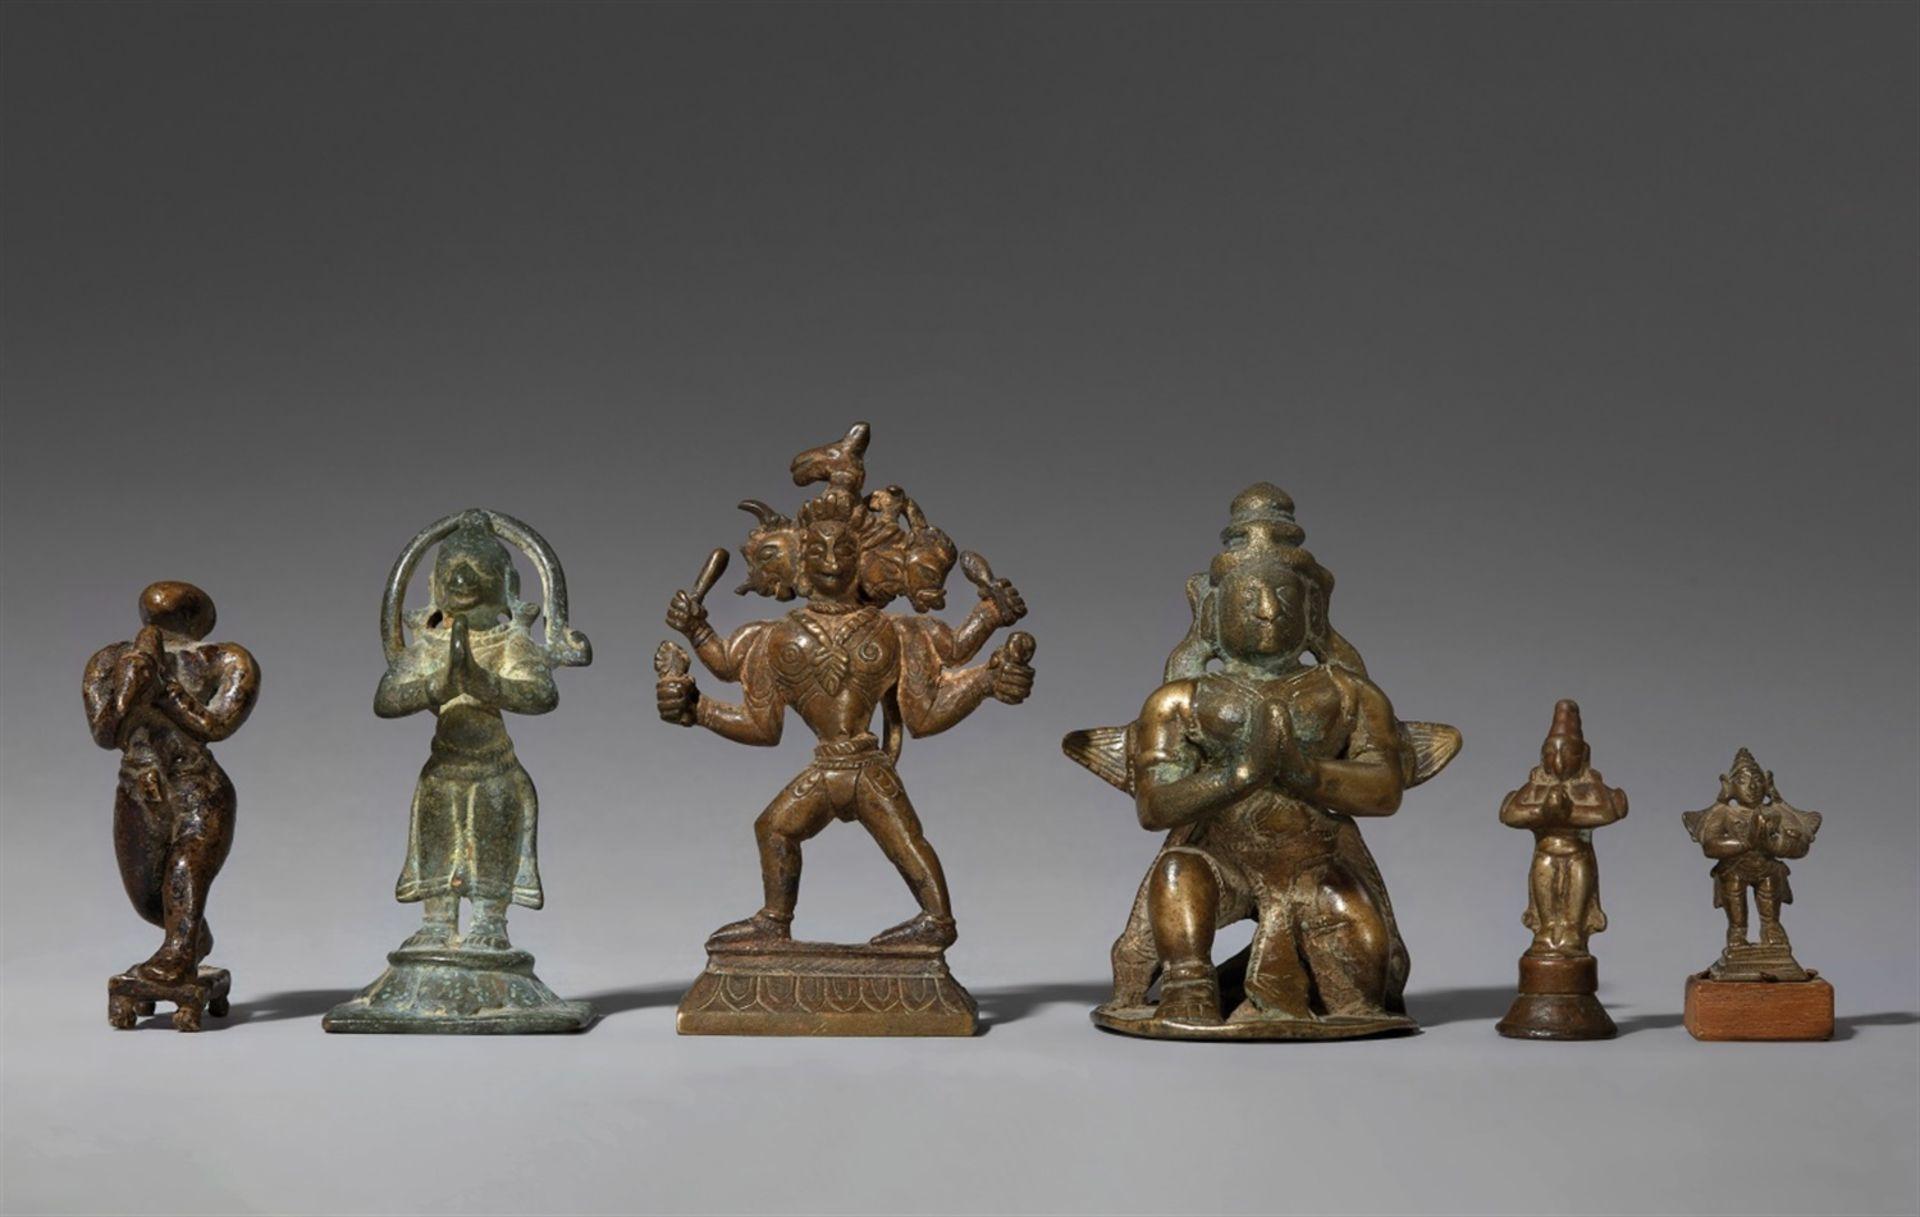 Sechs Figuren des Garuda und des Hanuman. Indien, meist Maharashtra. 18./19. Jh.